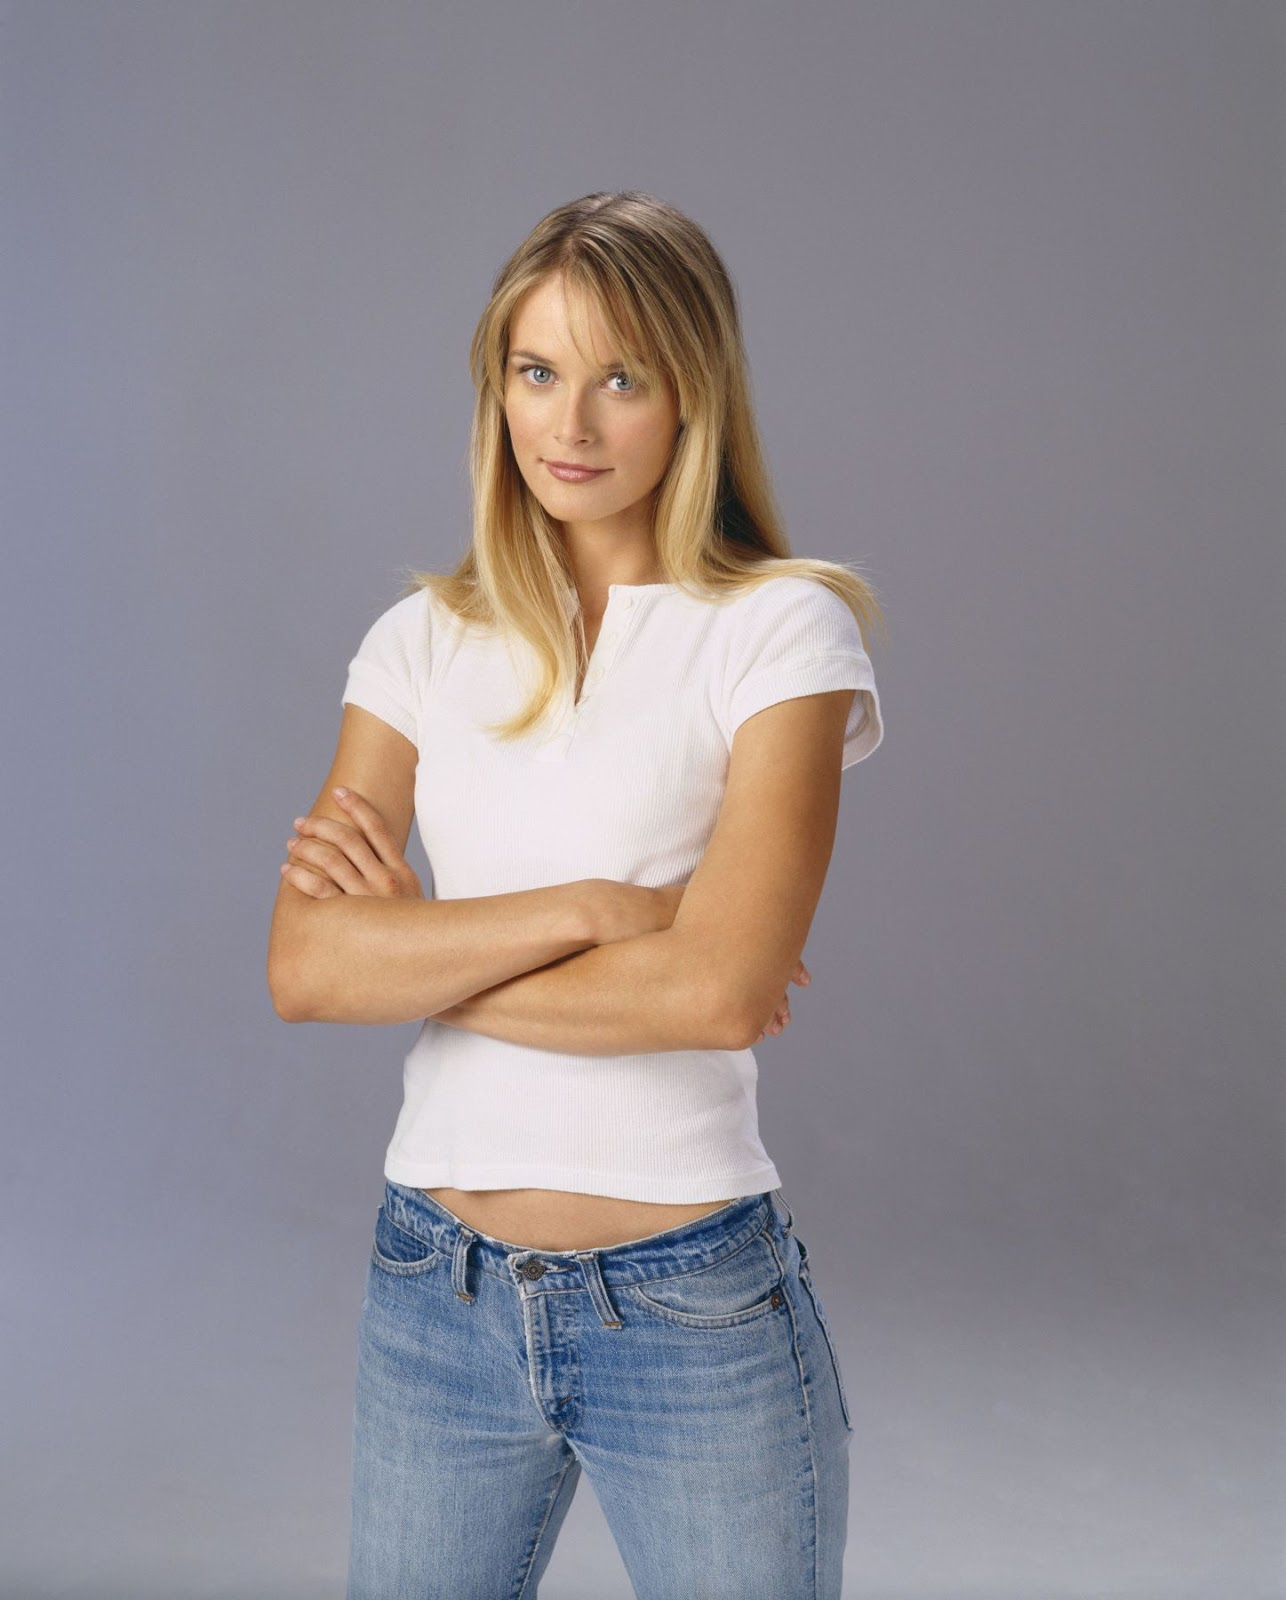 http://4.bp.blogspot.com/-eYQxWzEqrlo/T2py5EnJk1I/AAAAAAAABAA/46_lByyPv_M/s1600/Rachel+Blanchard+4.jpg